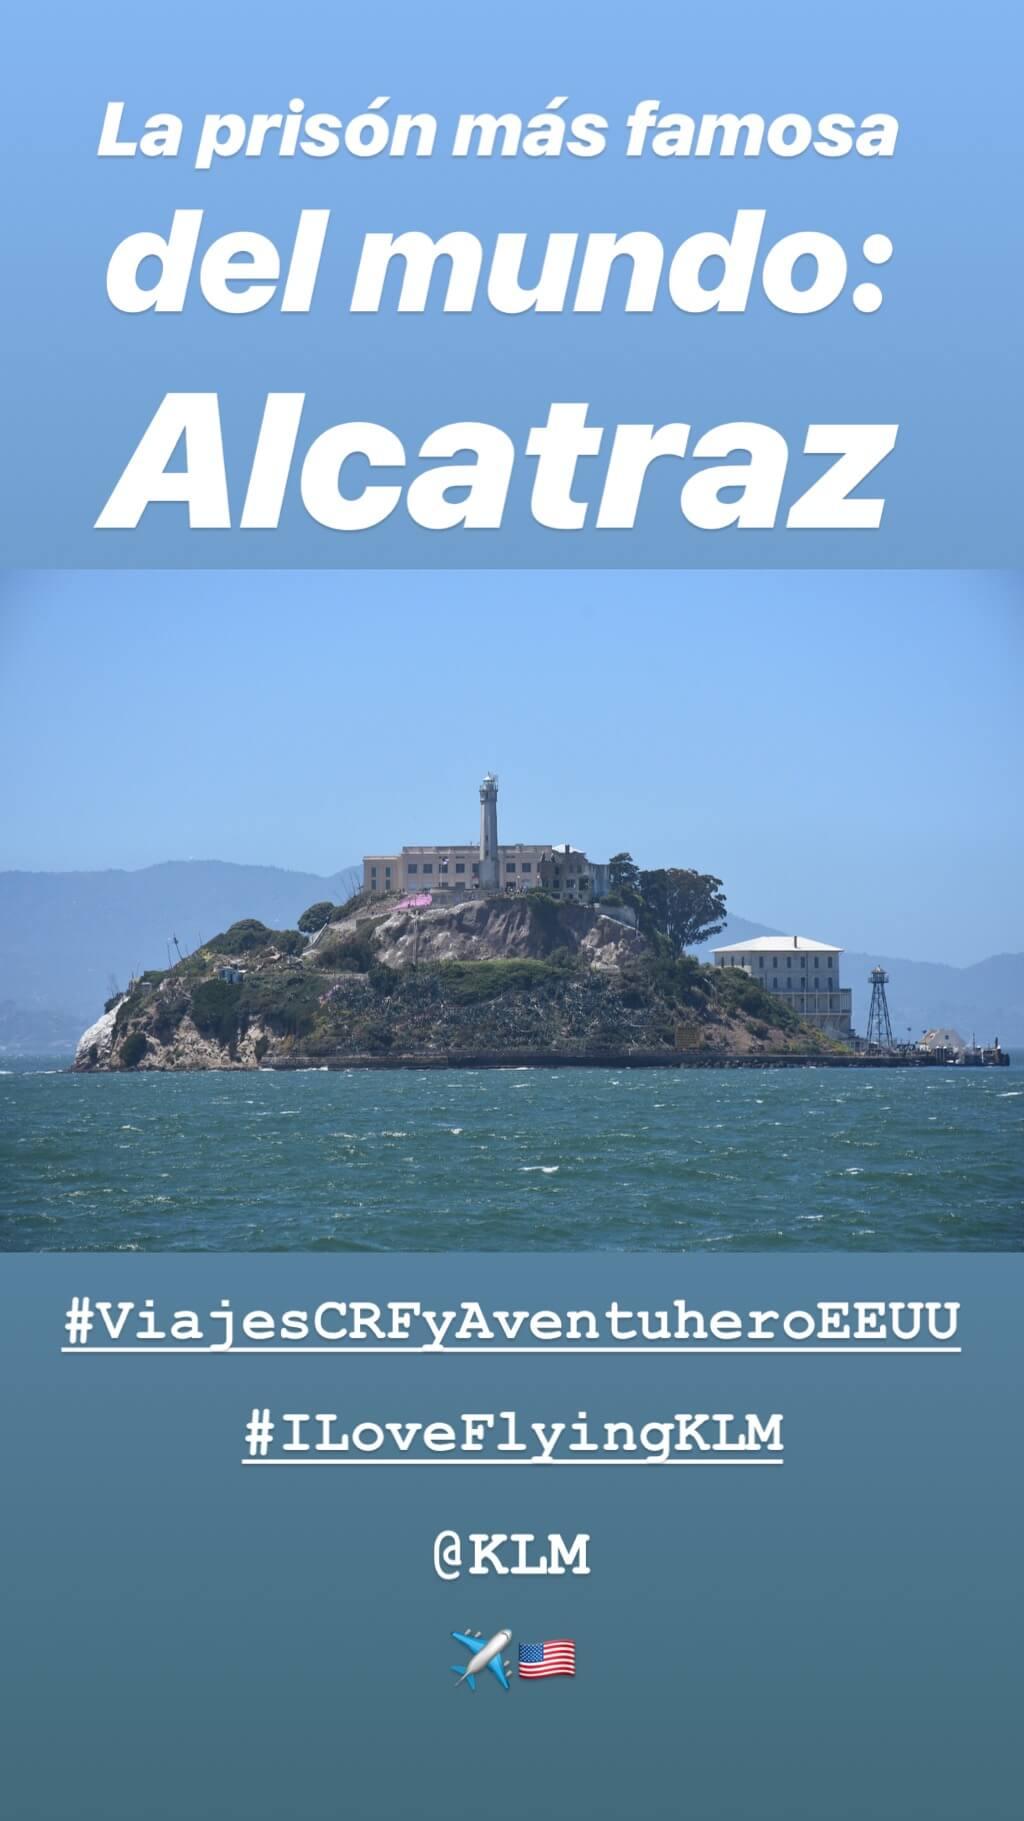 Alcatraz Instagram Story